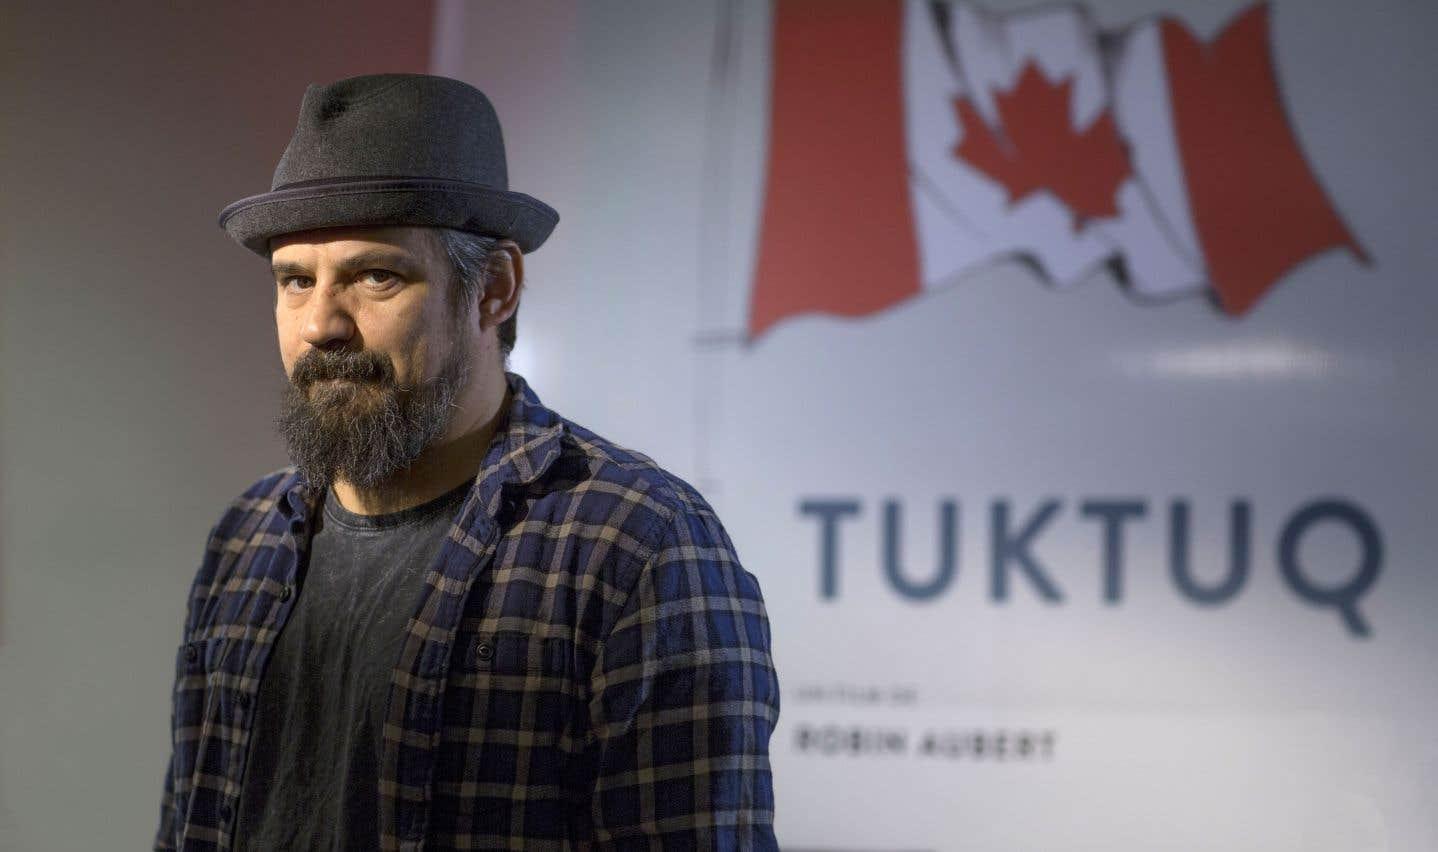 «Je fais du cinéma parce que c'est le média que j'ai choisi pour exprimer mon point de vue sur ce qui m'entoure», racontele réalisateur Robin Aubert.